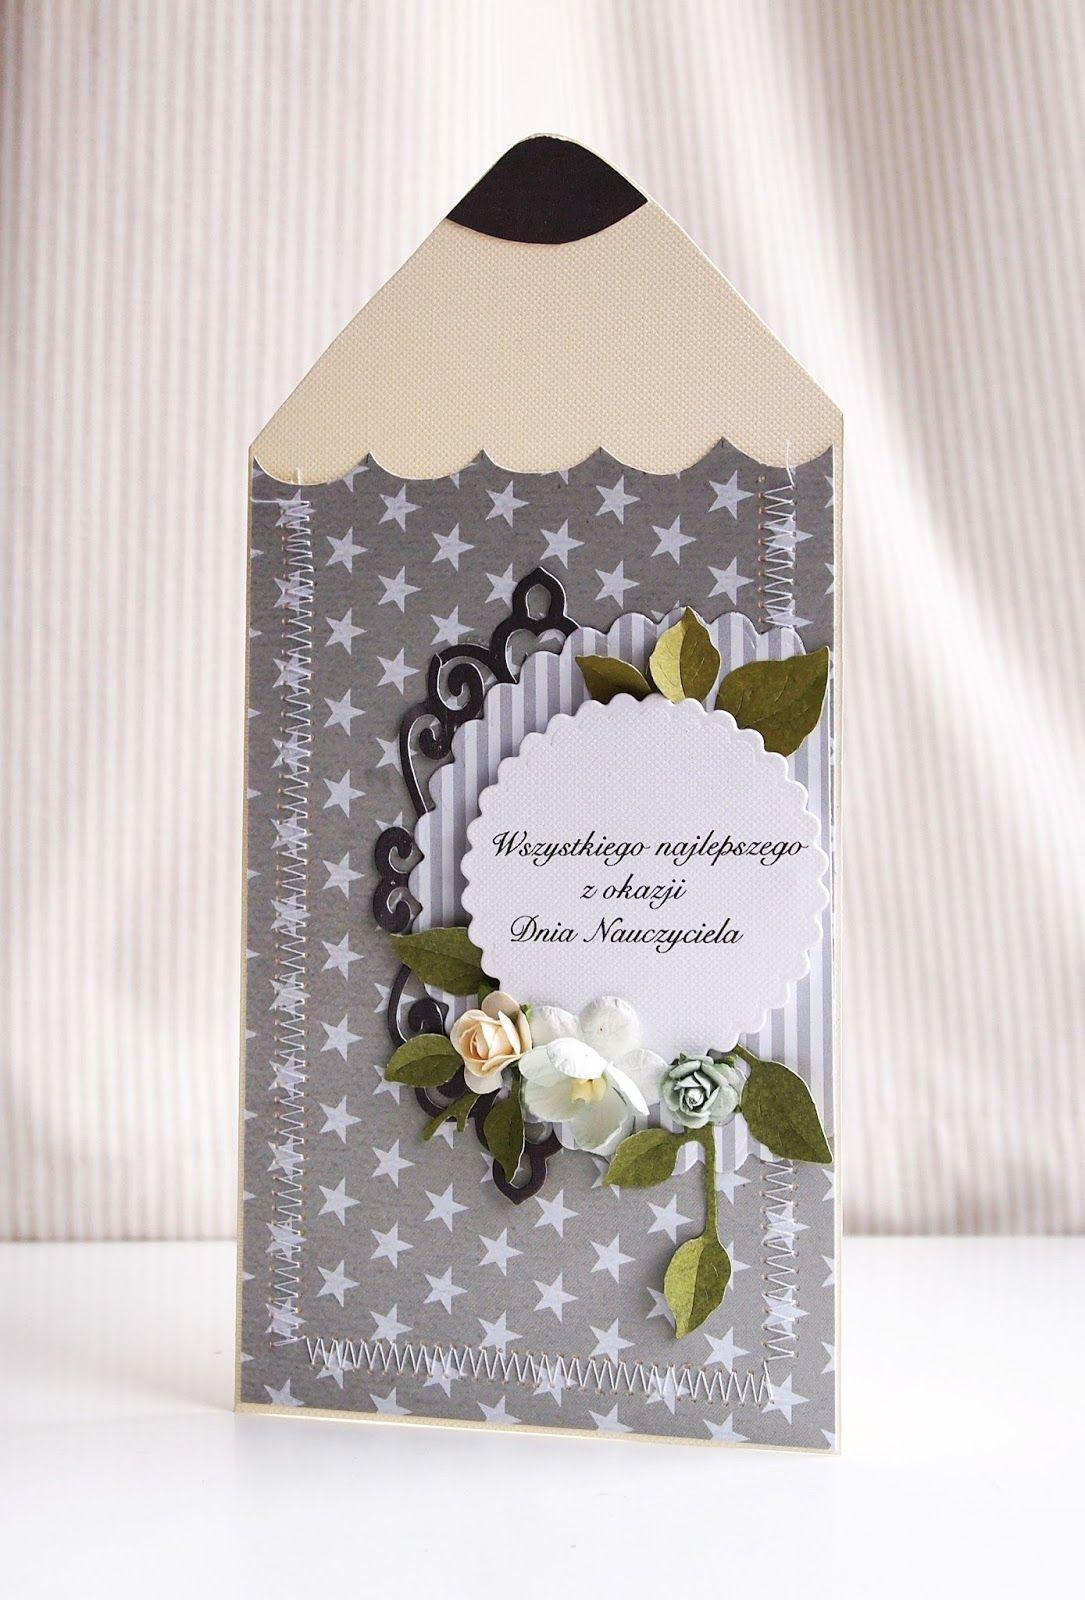 Tak Tak To Juz Niebawem 14 Pazdziernika To Dzien Nauczyciela To Z Mysla O Nich Powstal Teachers Day Greeting Card Teachers Day Greetings Crafts For Kids